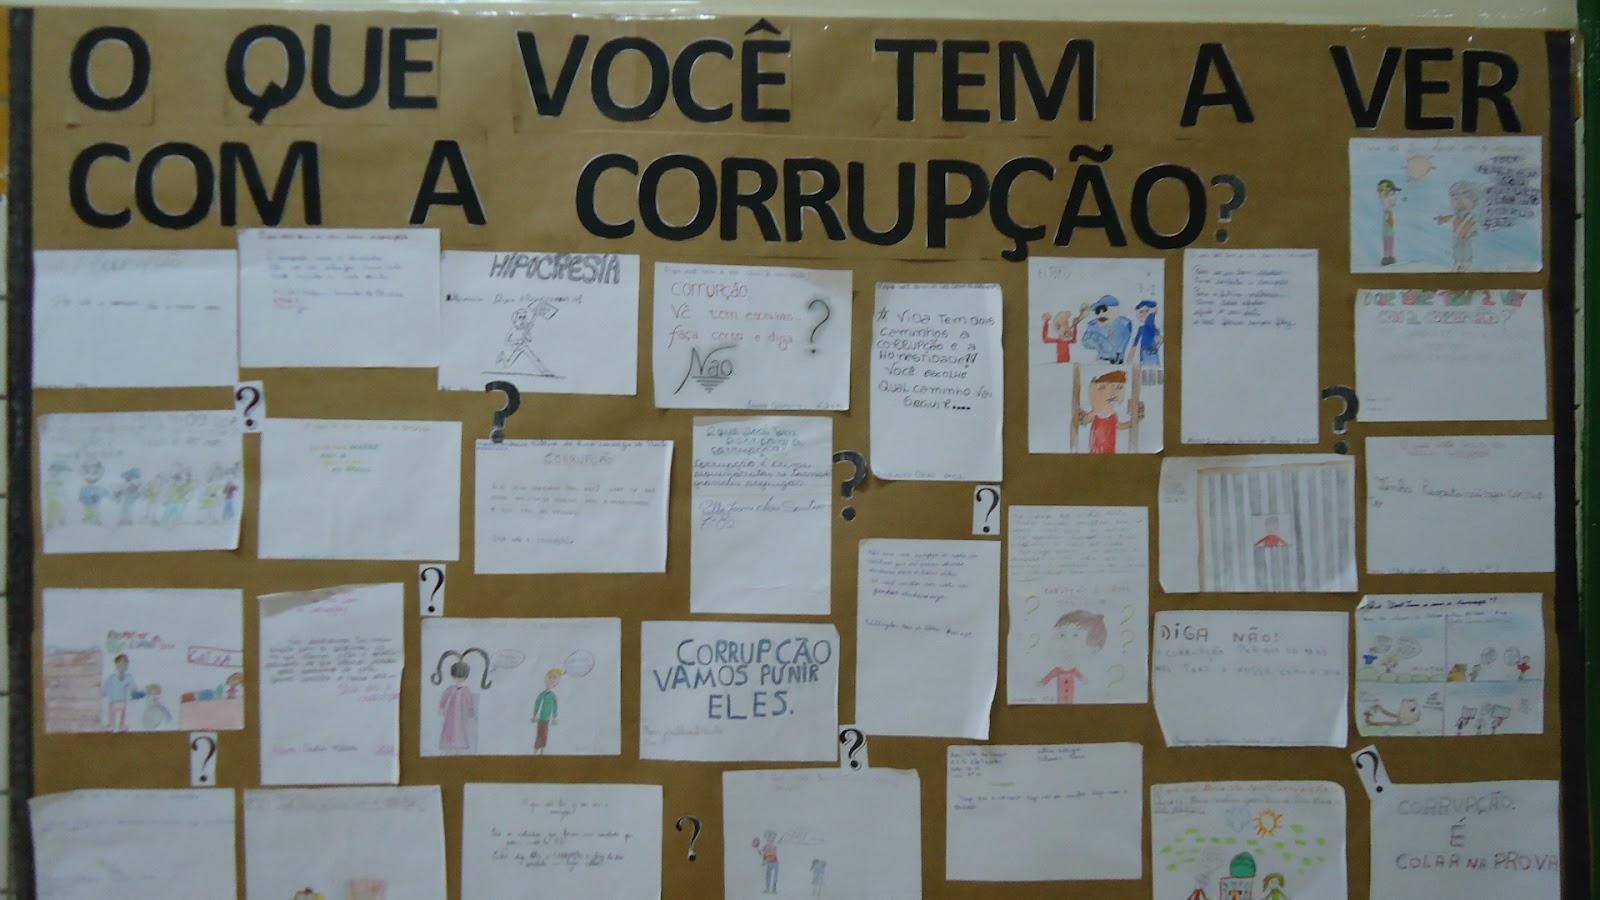 Corrupção e Professores: O que eles tem a ver com isso?